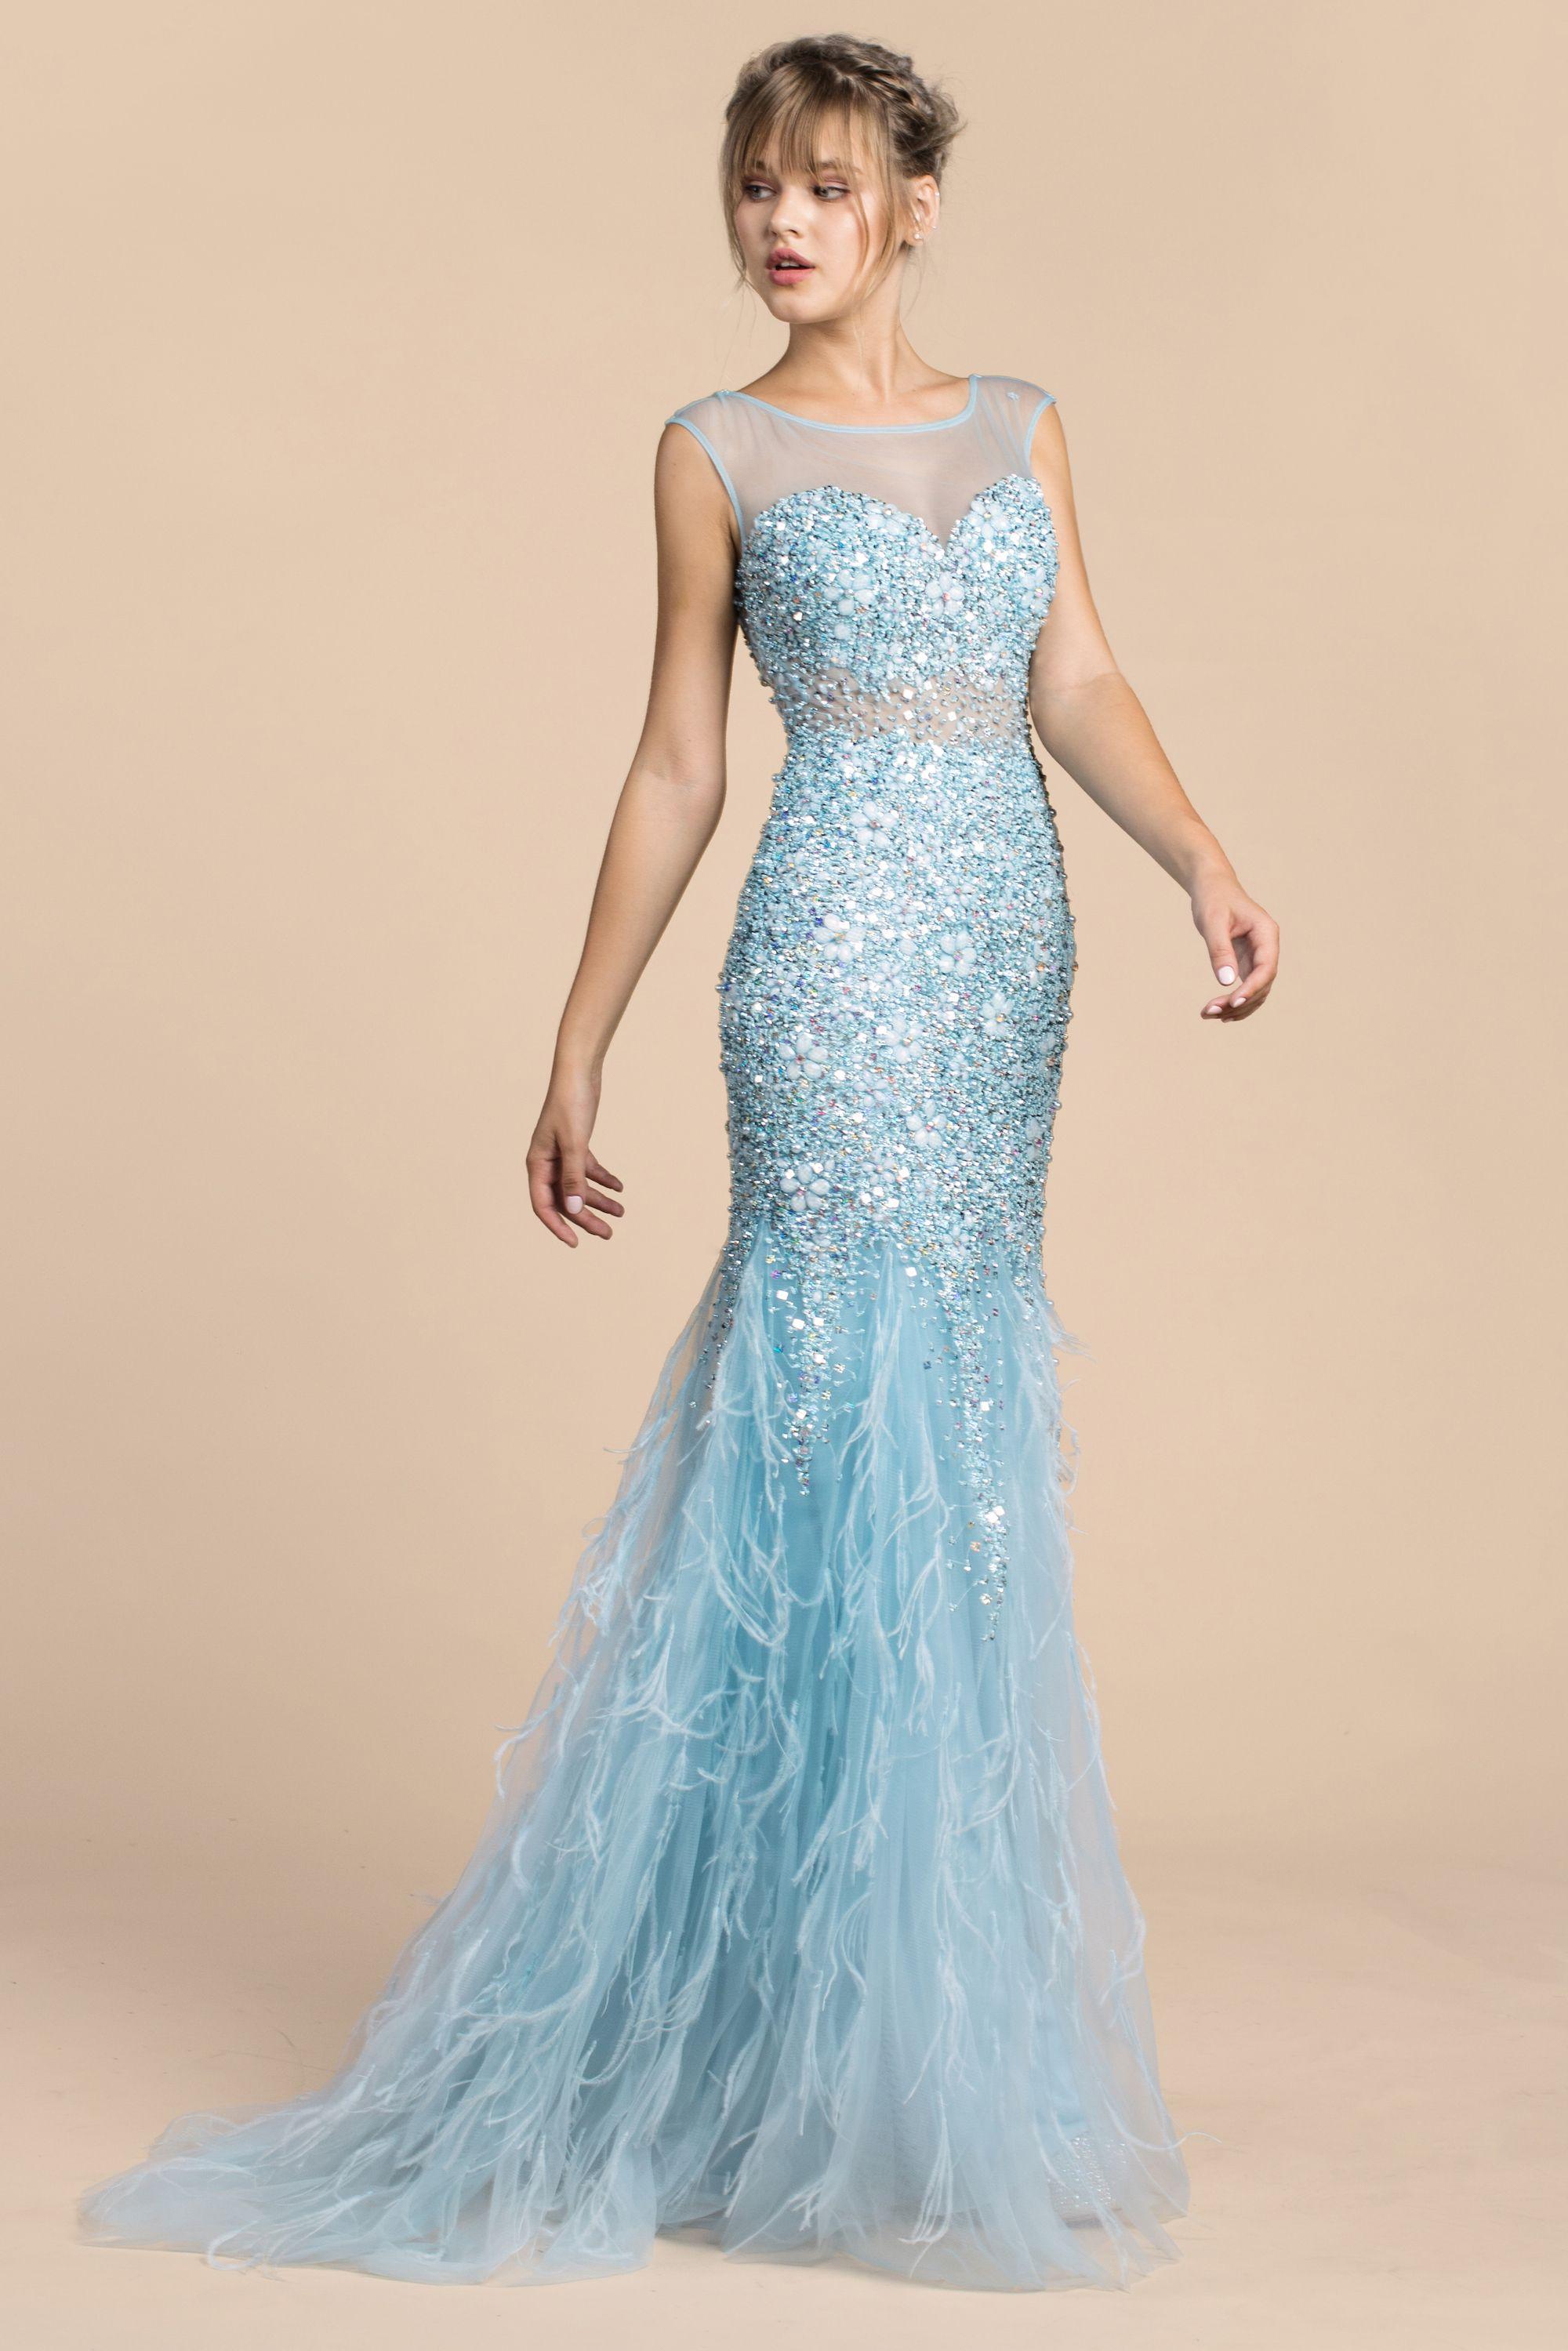 13 Embelished Prom Dresses - Sparkly Prom Dresses 2018